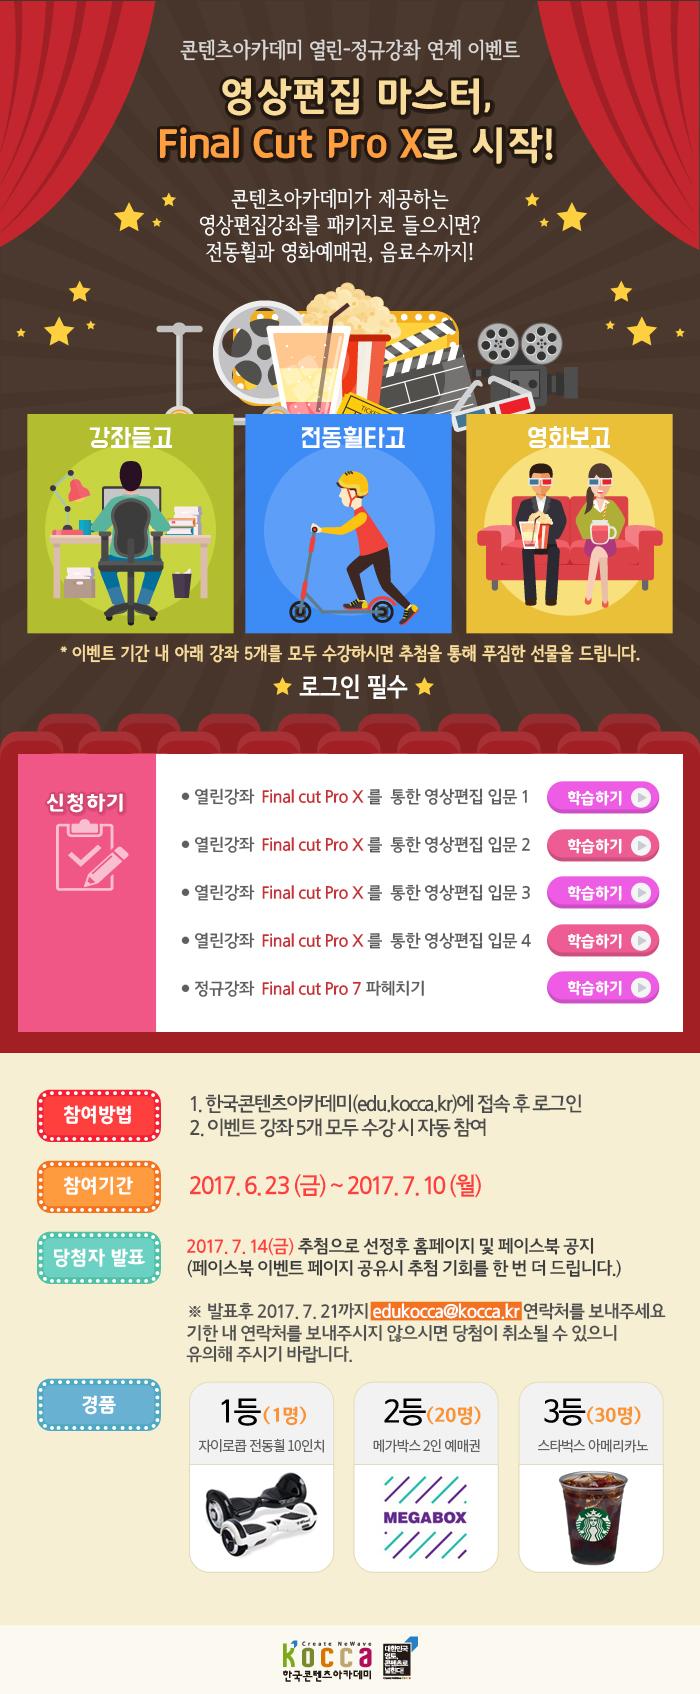 ★ 콘텐츠 아카데미 열린-정규강좌 연계 EVENT ☆